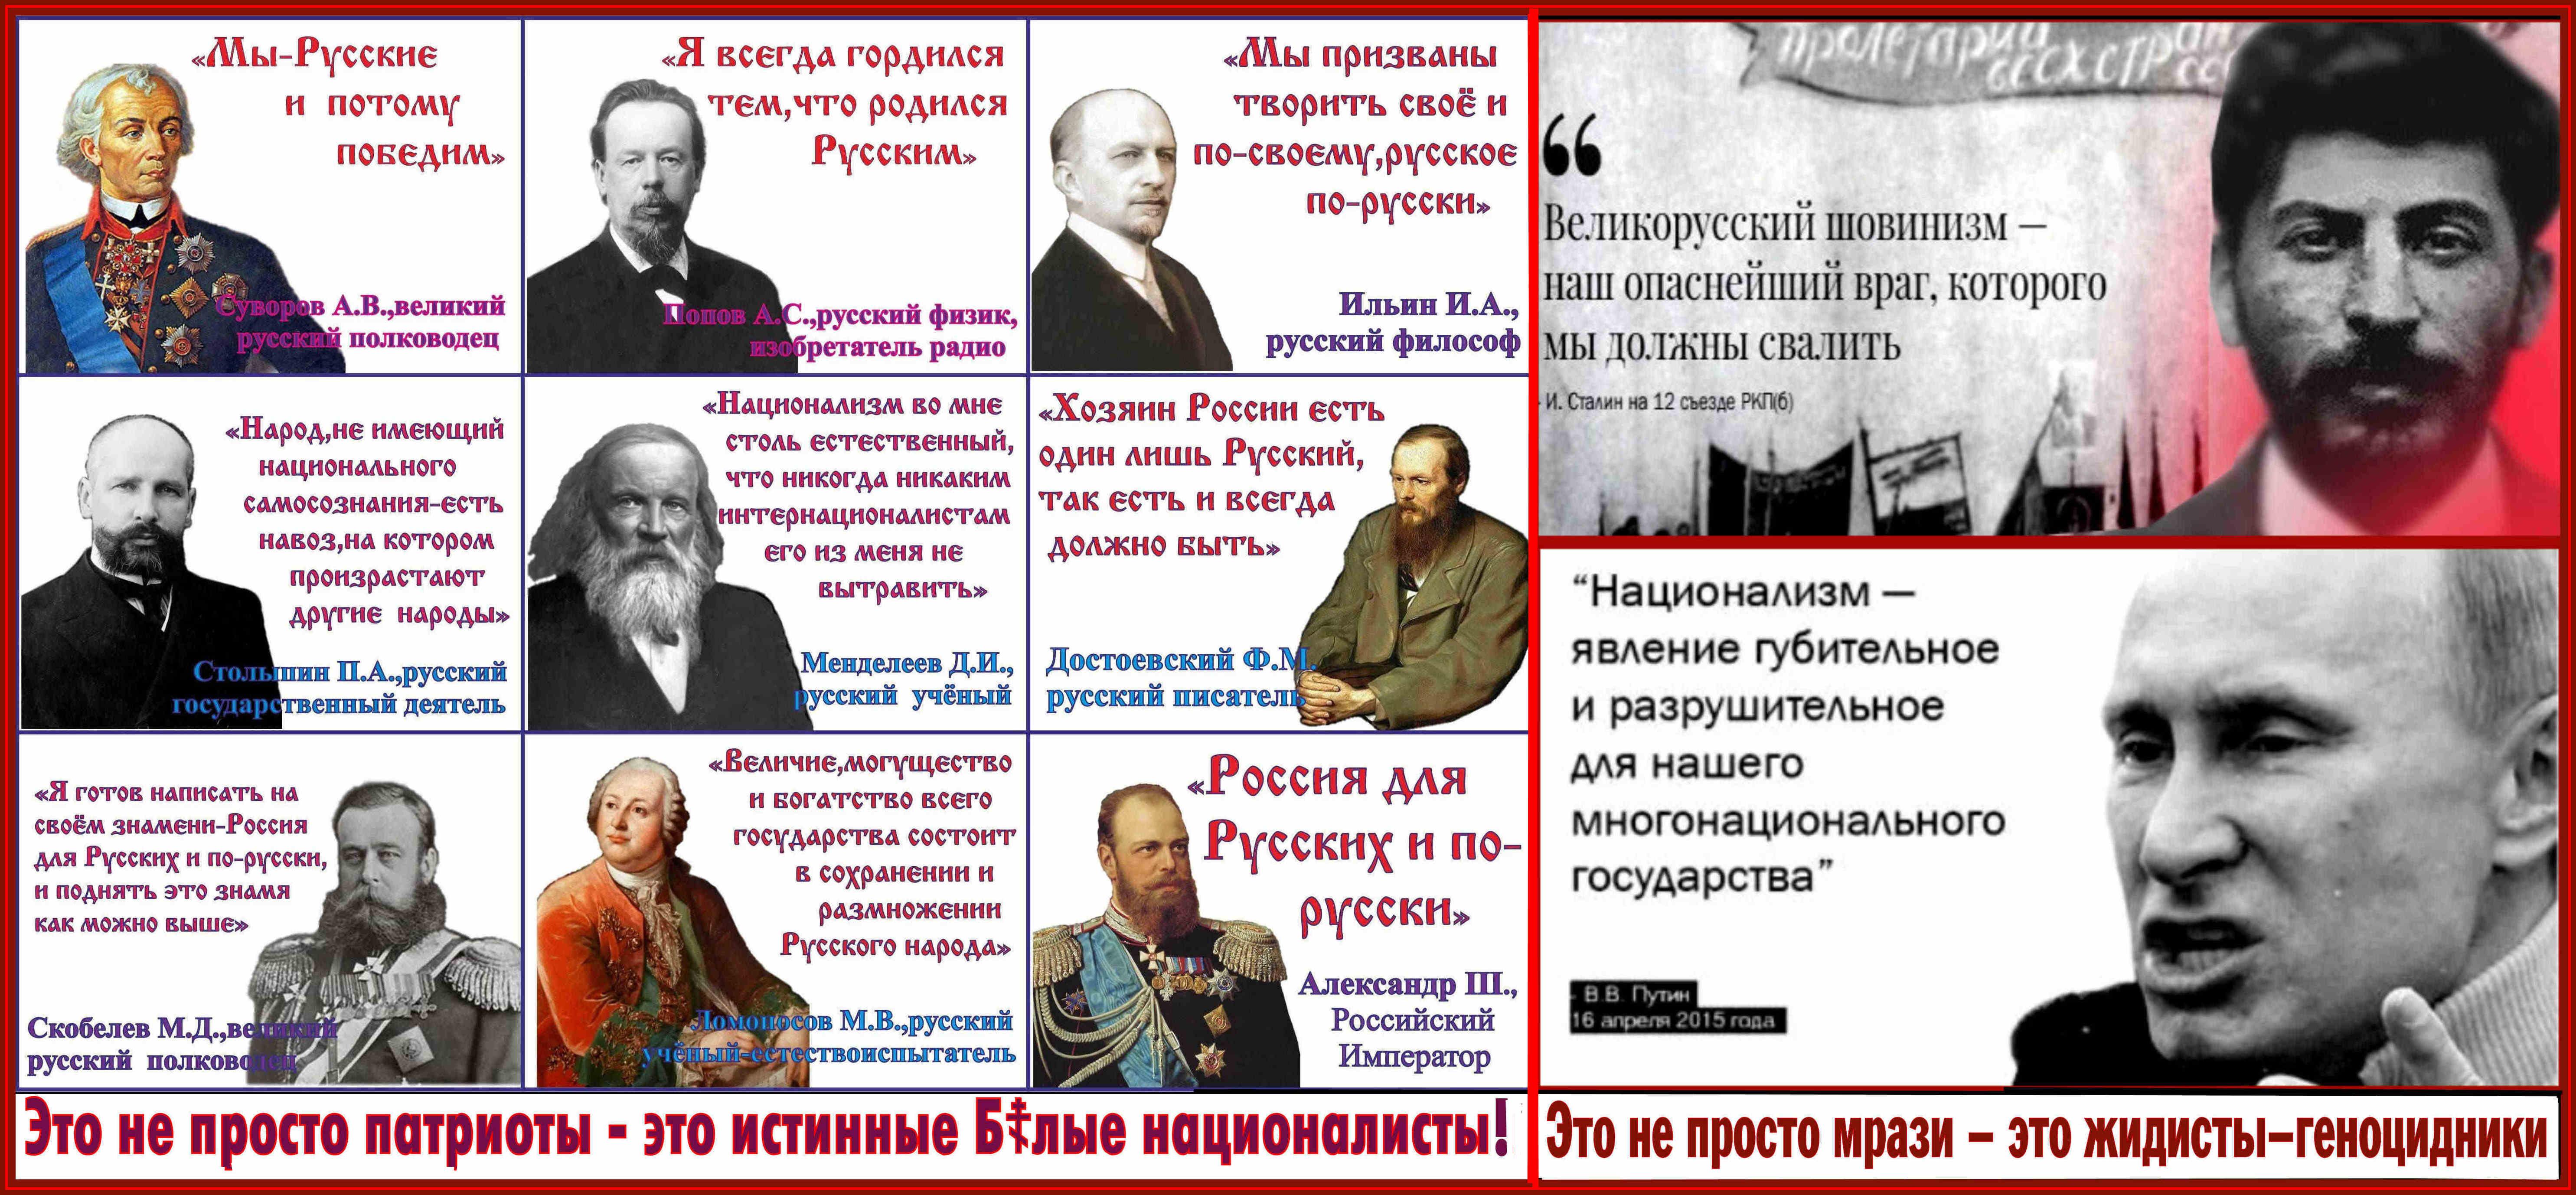 Русские шлюхи оскорбляющие русский народ